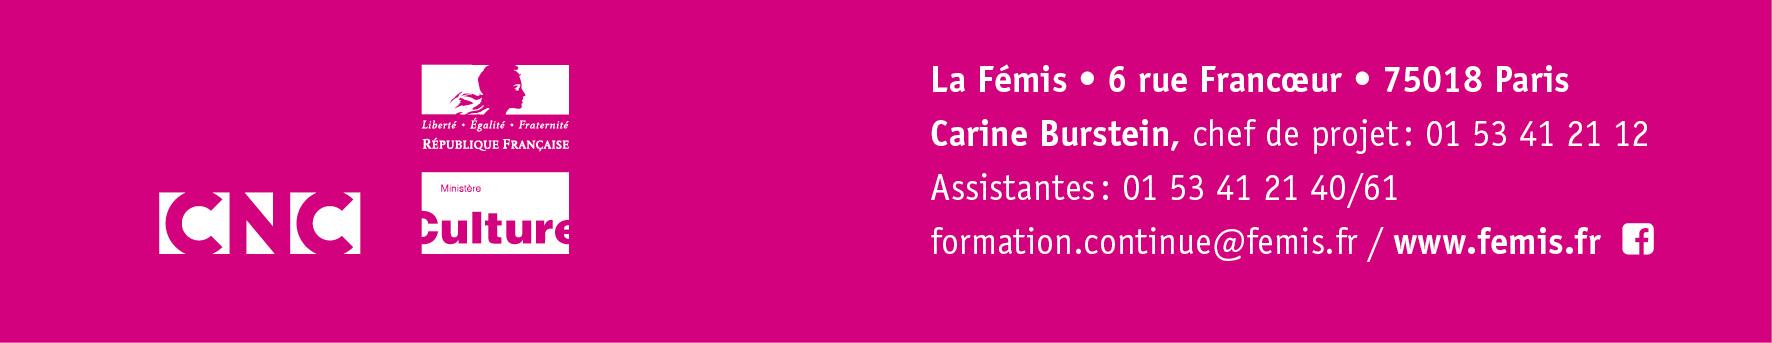 La Femis - Scenario 2019